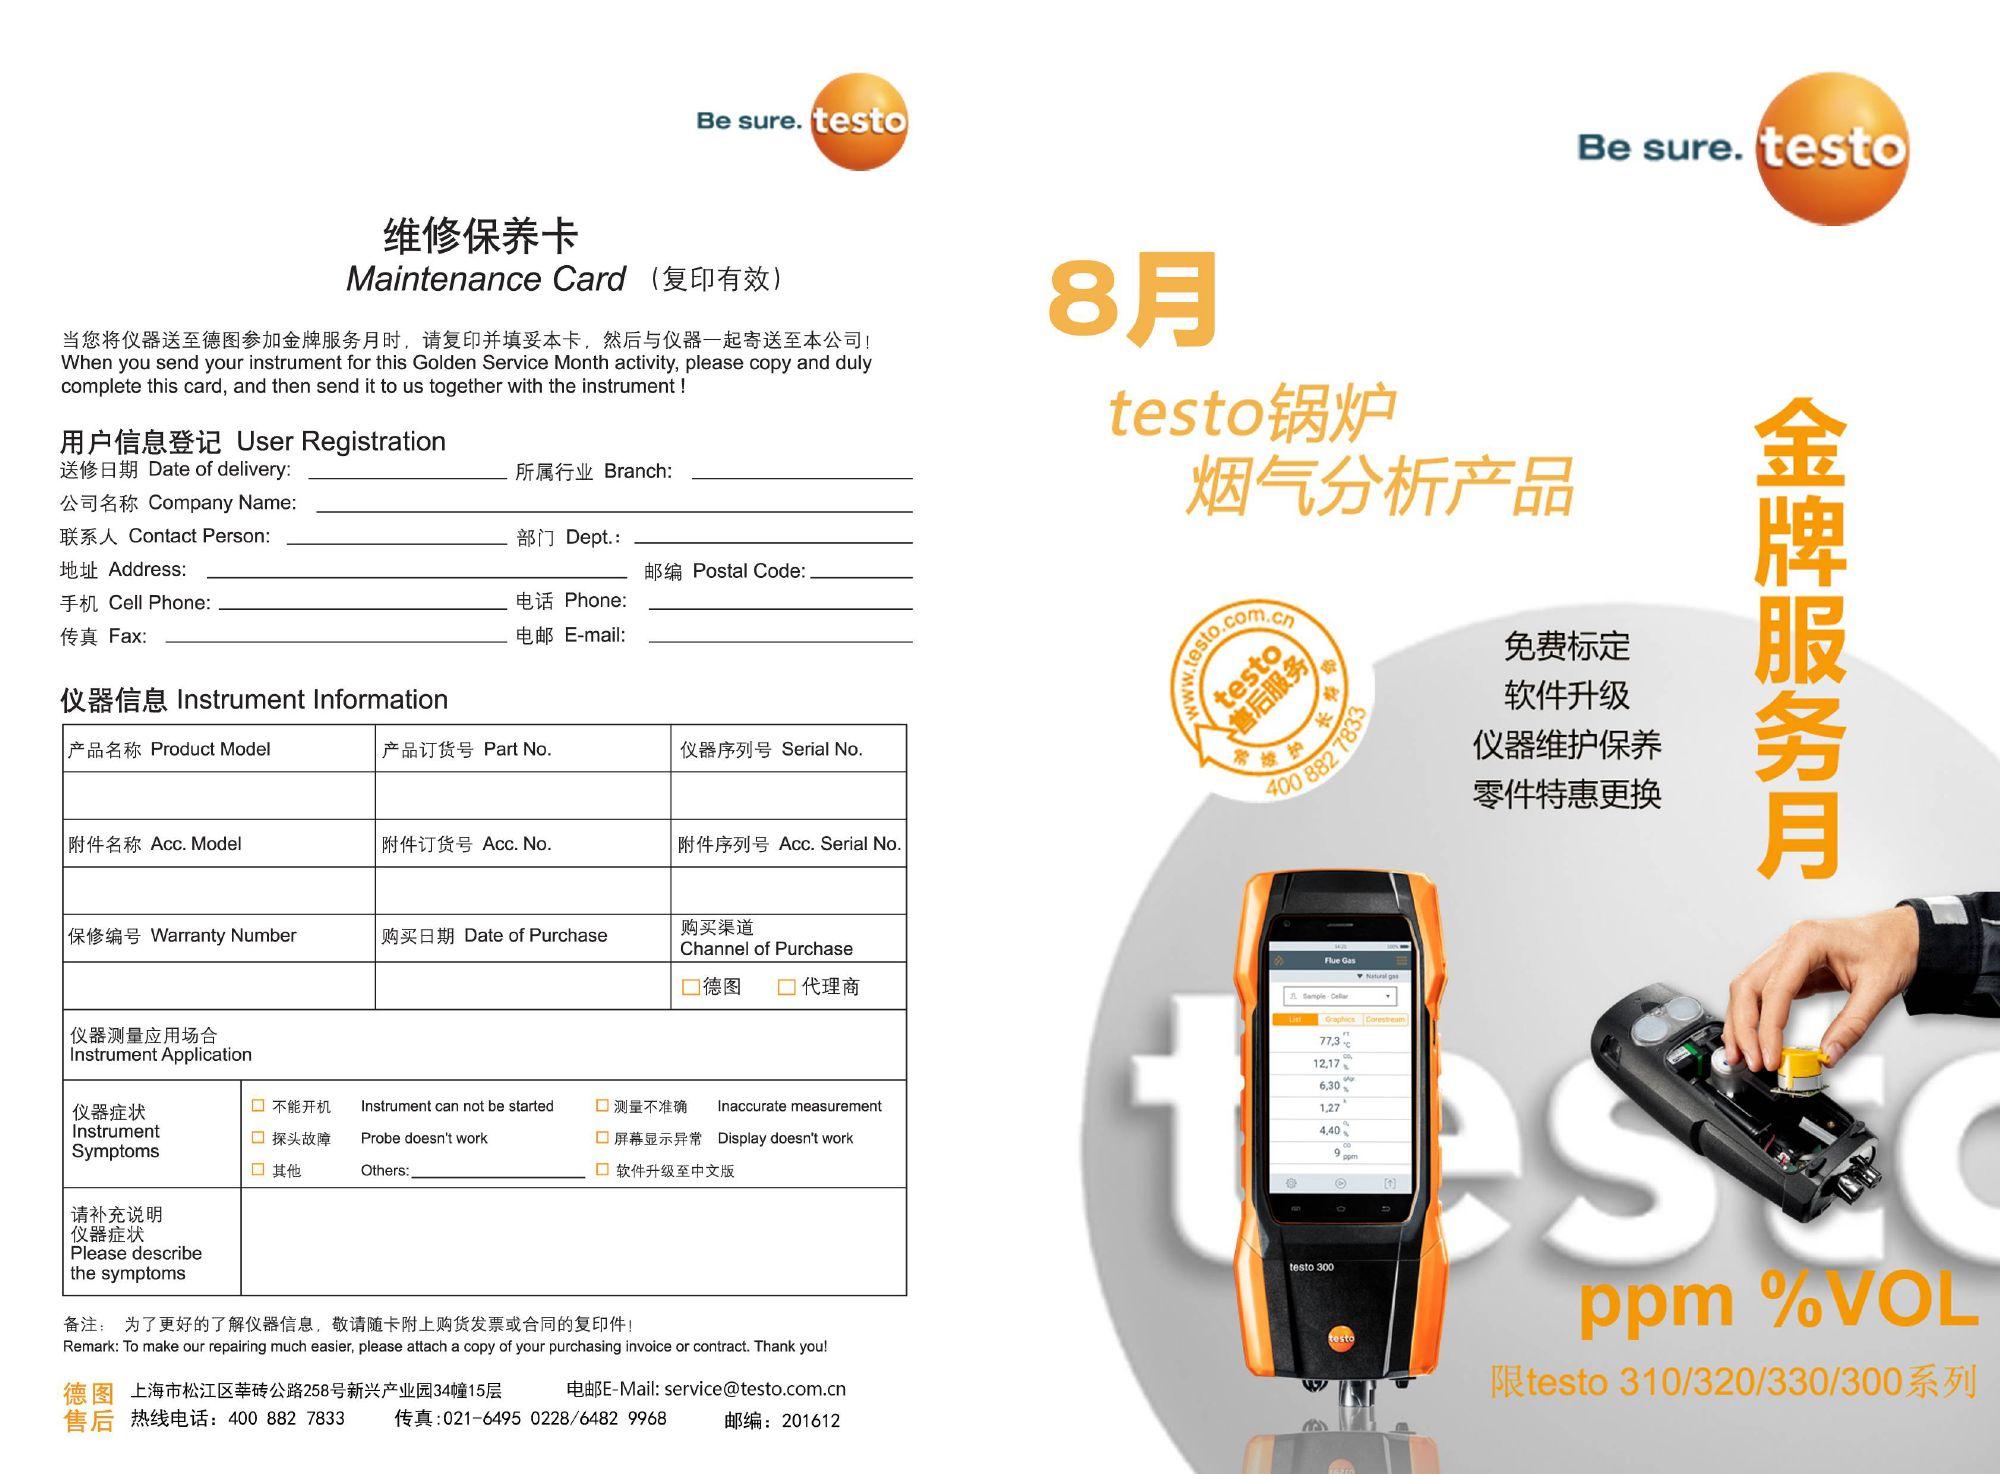 CN_202007_golden_service_card_01.jpg